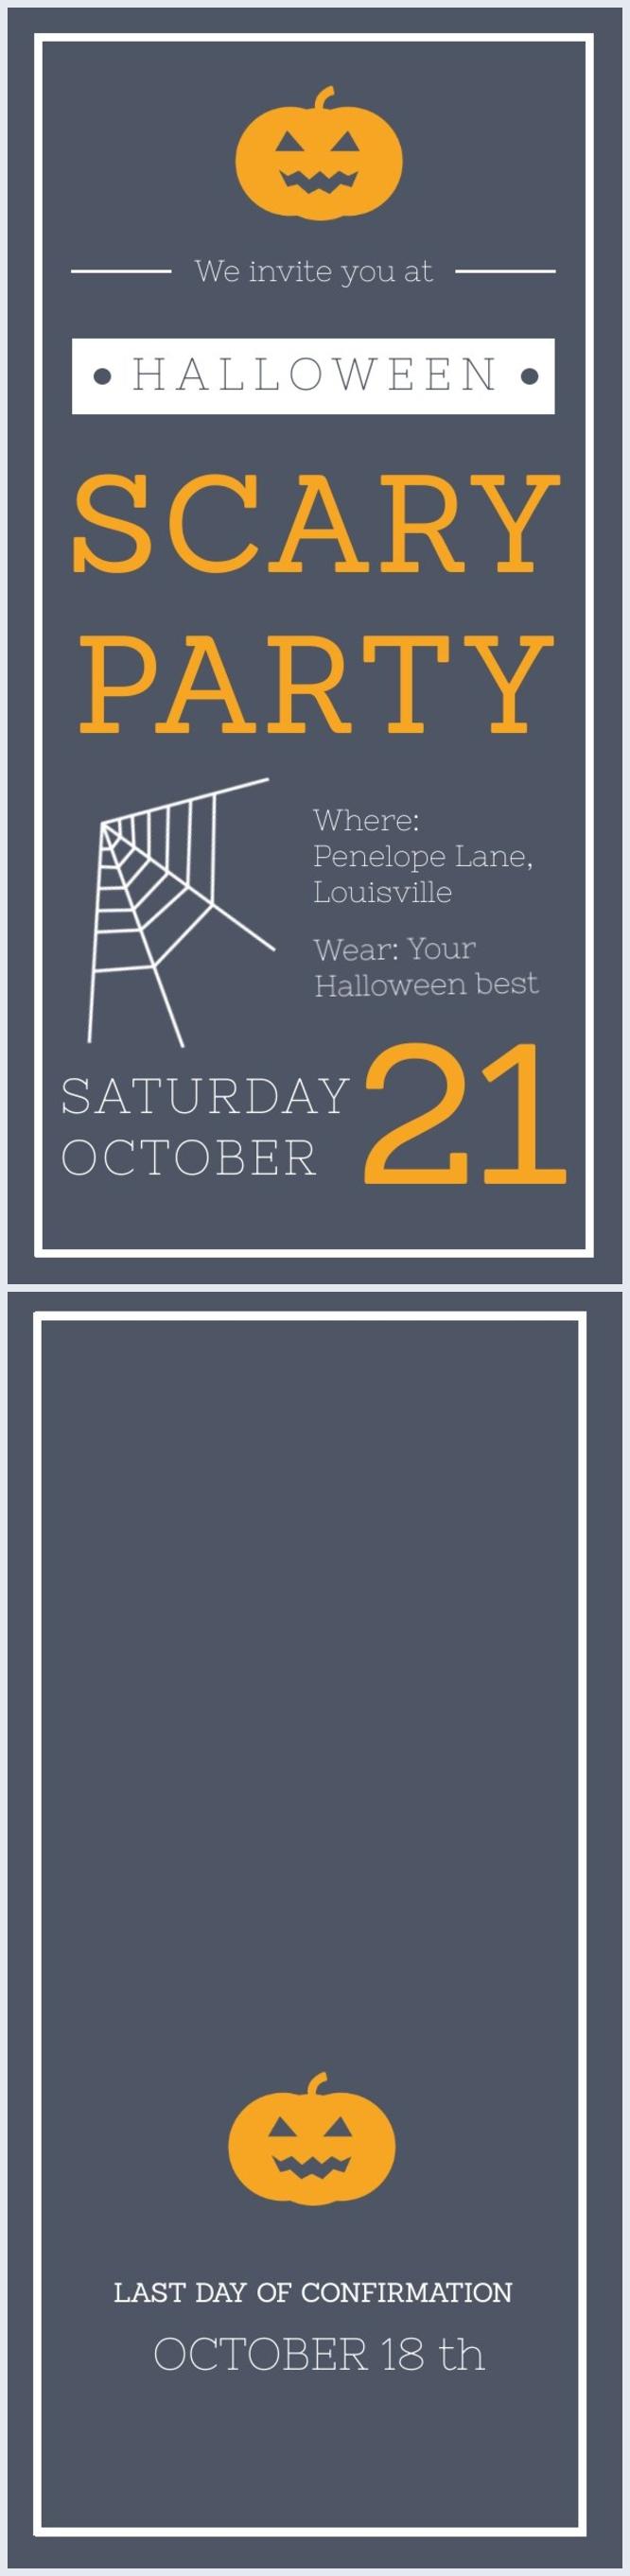 Diseño para invitación a una aterradora fiesta de Halloween